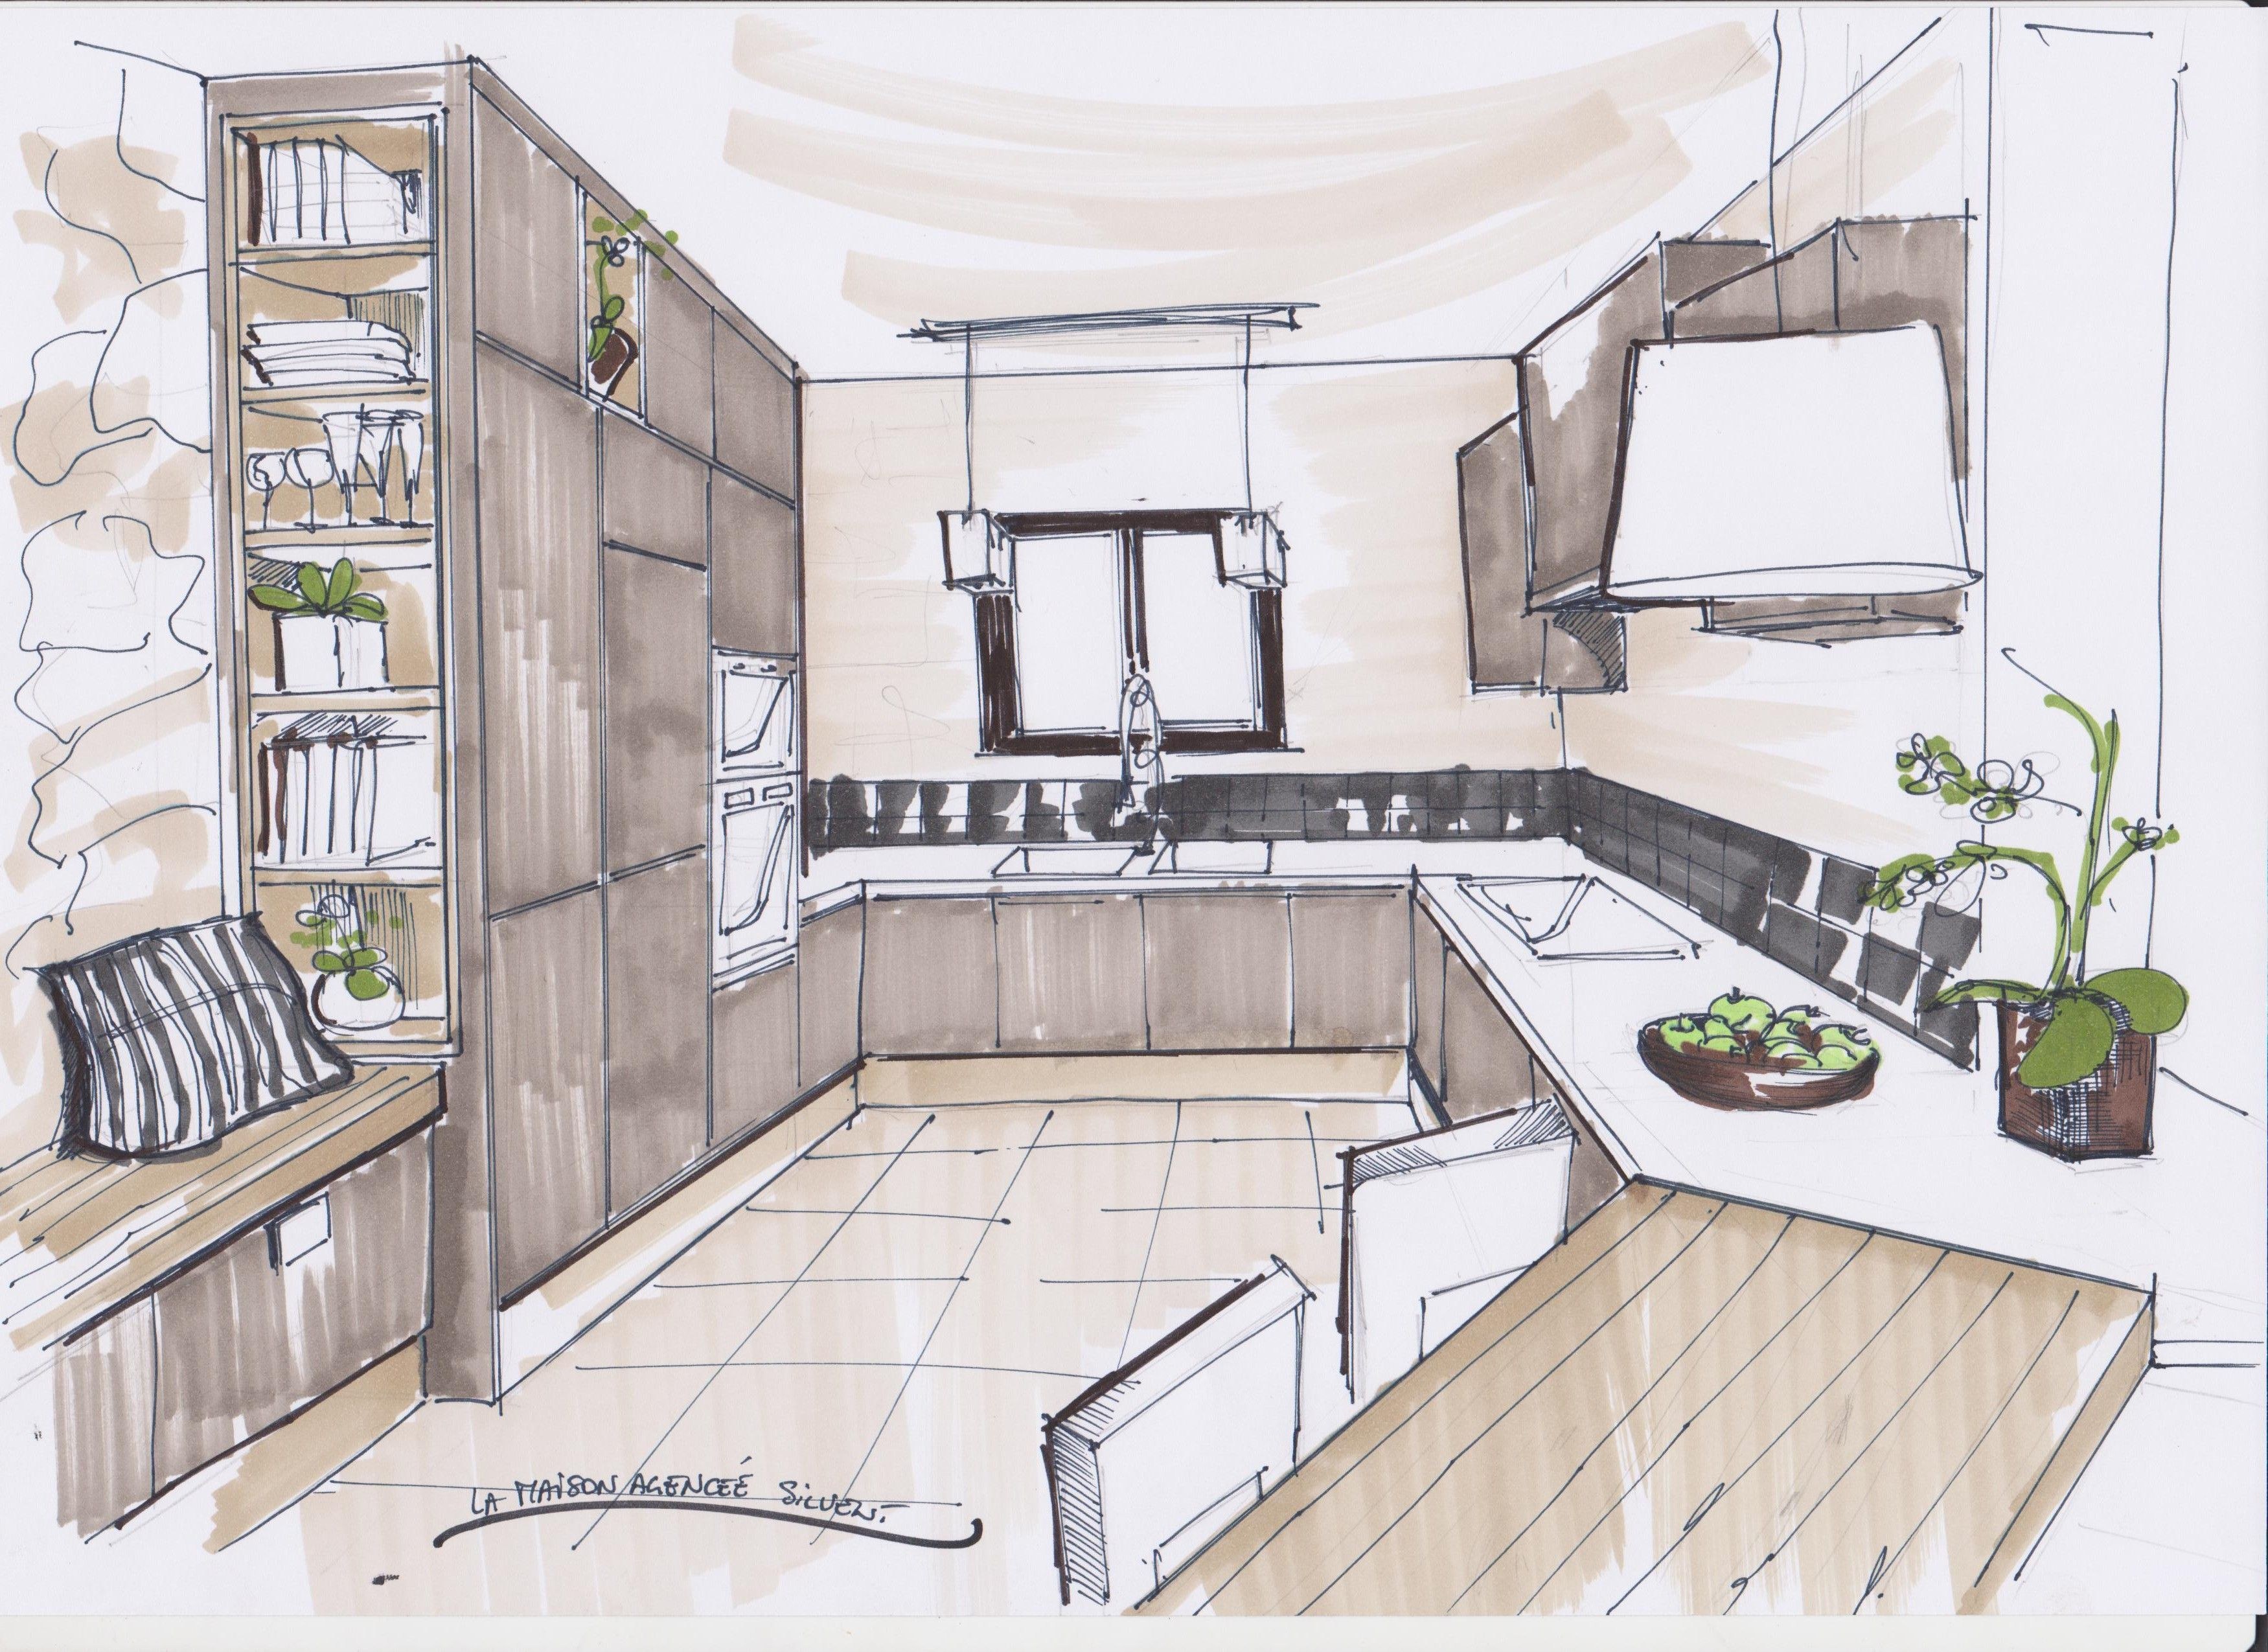 Croquis Cuisine Architecte Interieur Maison Dessin Dessin Architecture